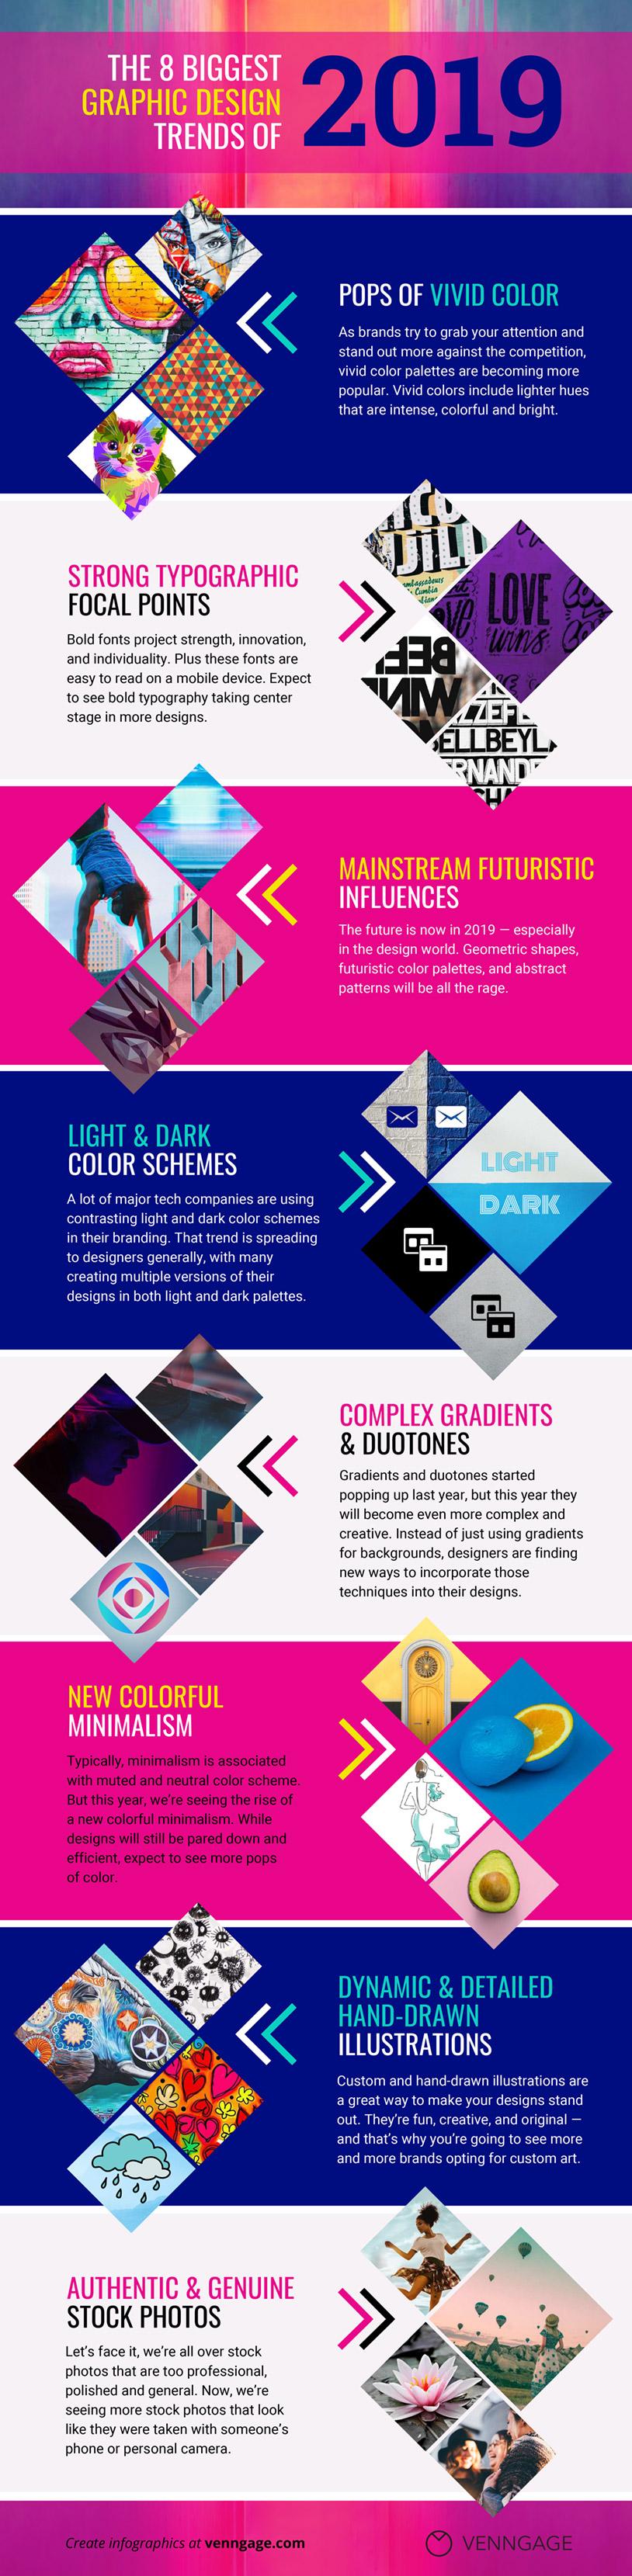 Las tendencias de diseño gráfico que dominarán en 2019